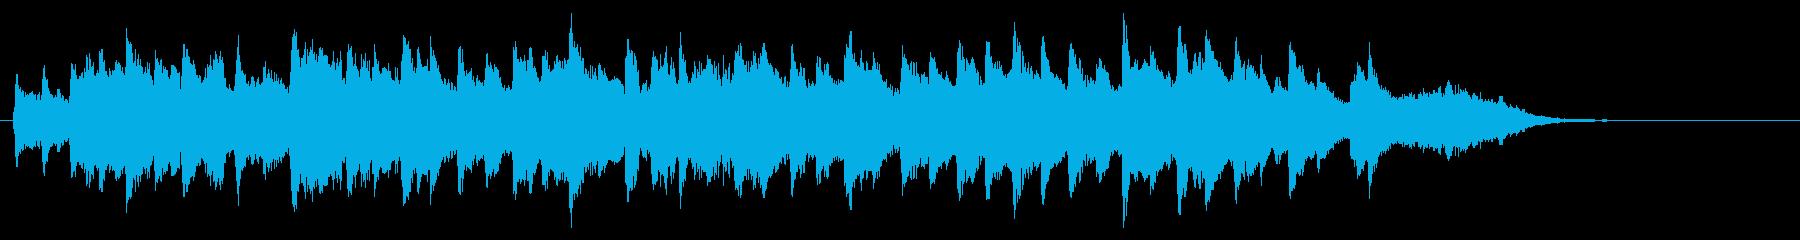 CMやVPにジングル品位あるオーケストラの再生済みの波形